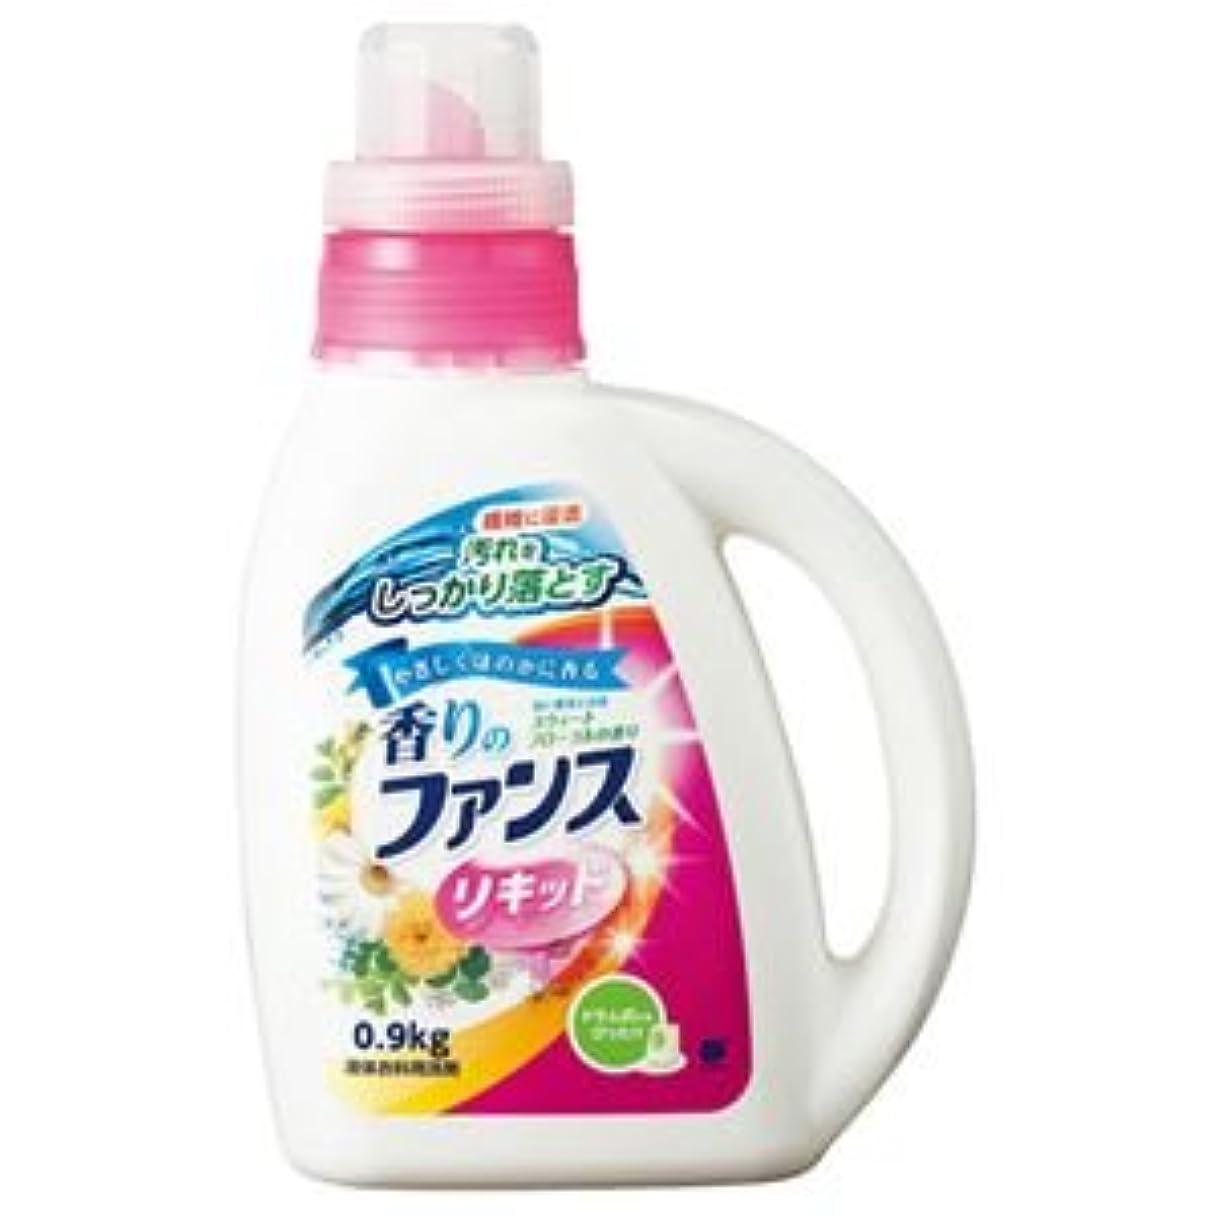 クランプヘリコプターシャーク(まとめ) 第一石鹸 香りのファンス 液体衣料用洗剤リキッド 本体 0.9kg 1本 【×10セット】